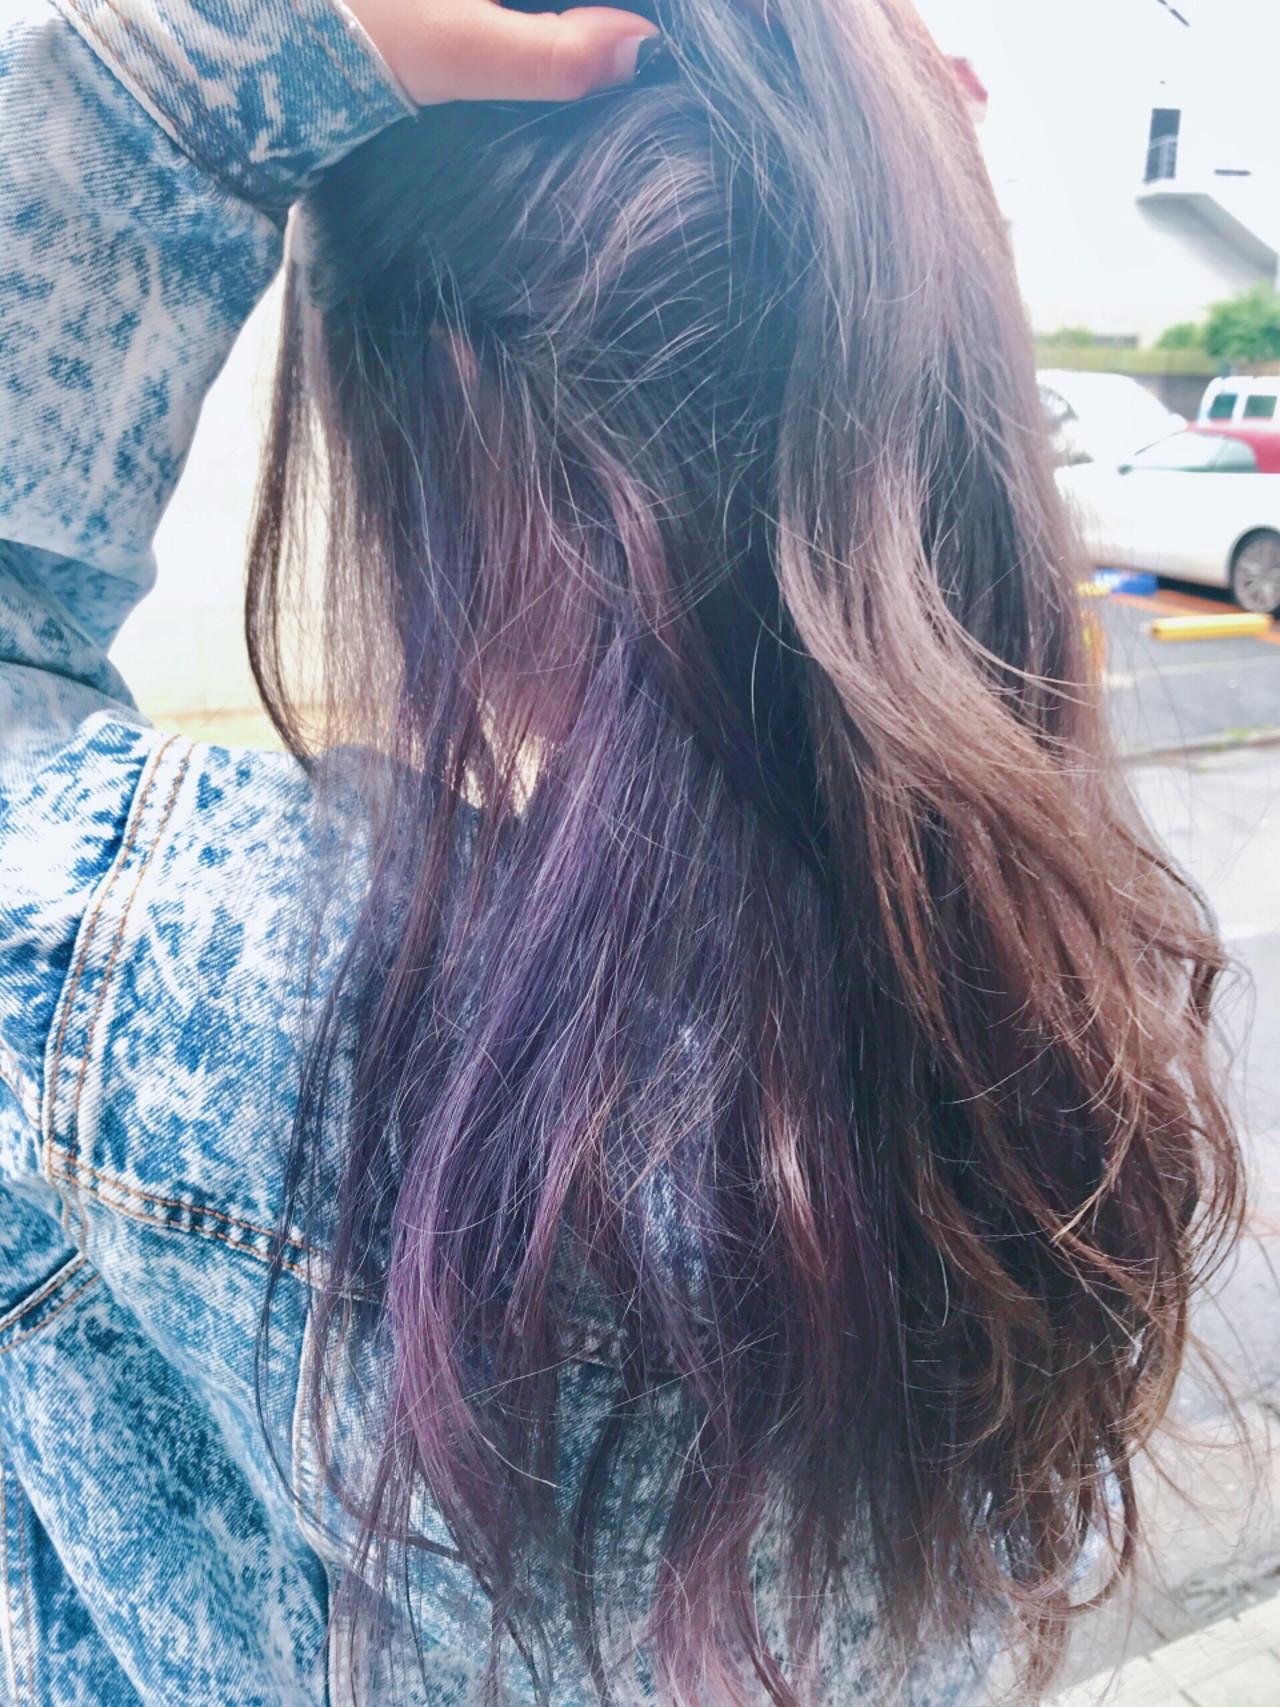 インナーカラー パープル ロング ナチュラル ヘアスタイルや髪型の写真・画像 | 高橋ジロウ / ROENA 原宿.表参道 / ROENA